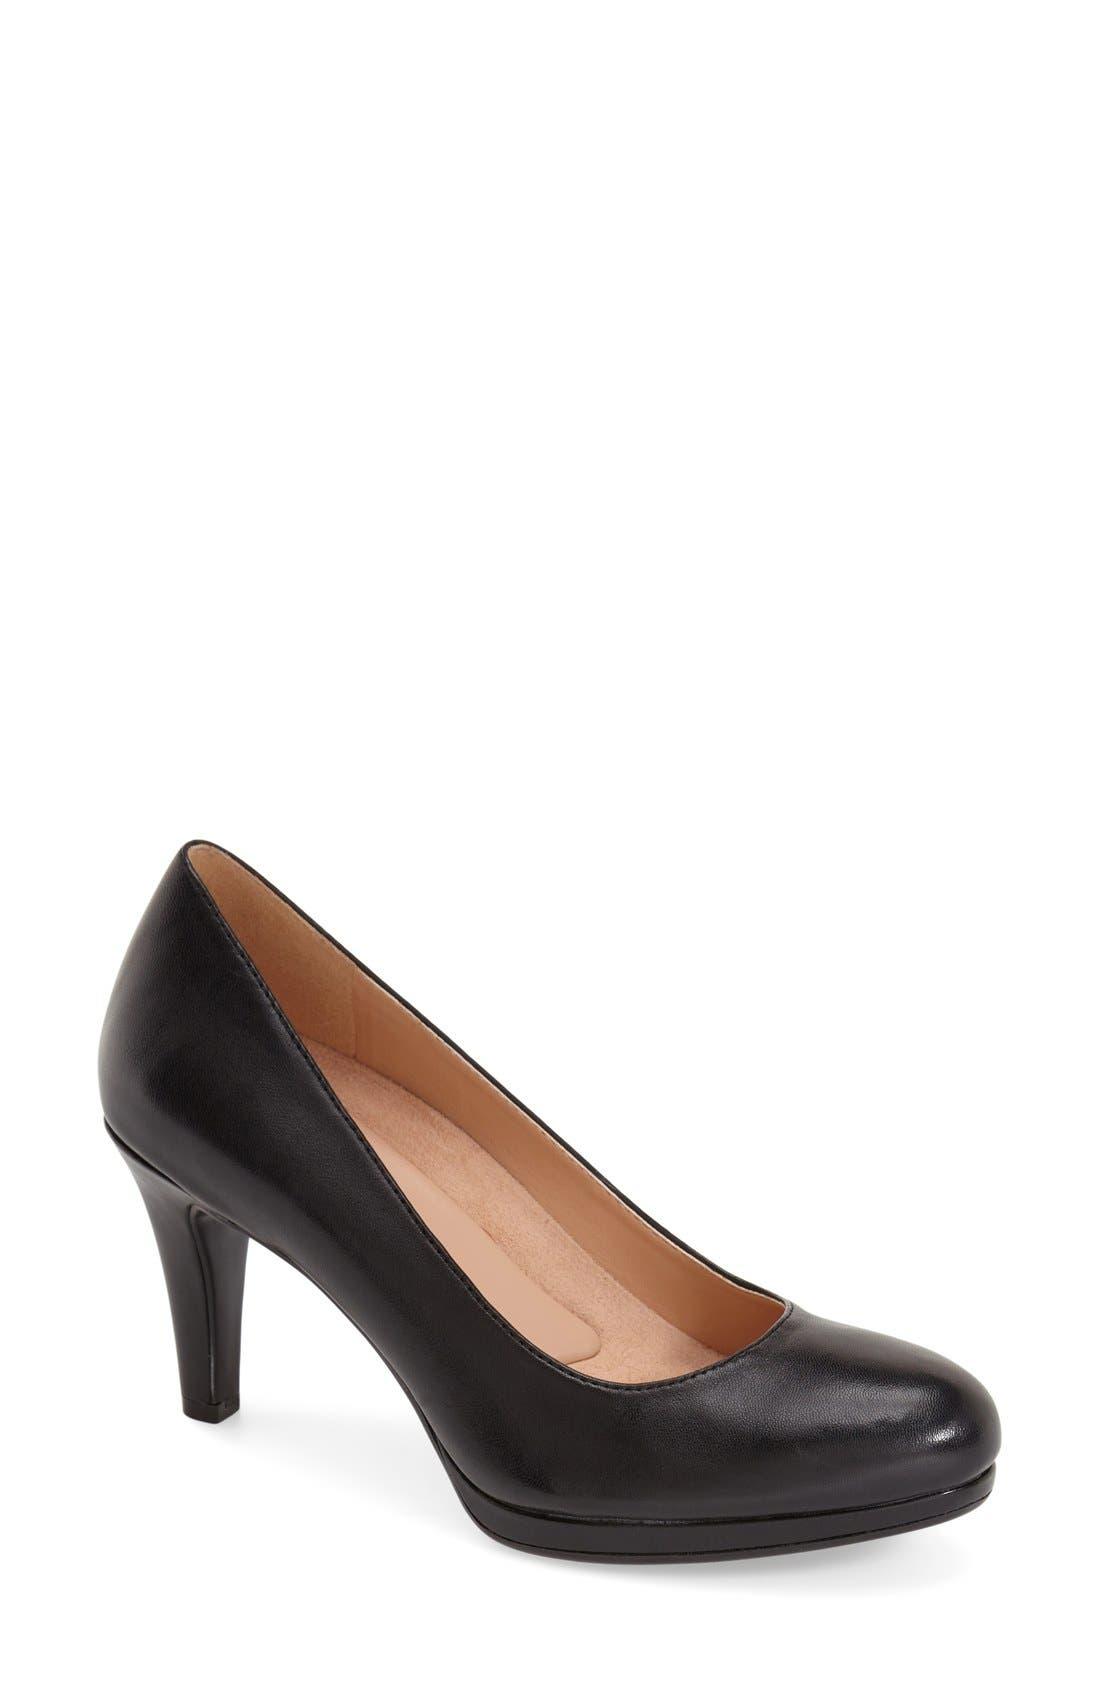 'Michelle' Almond Toe Pump,                             Main thumbnail 1, color,                             BLACK LEATHER